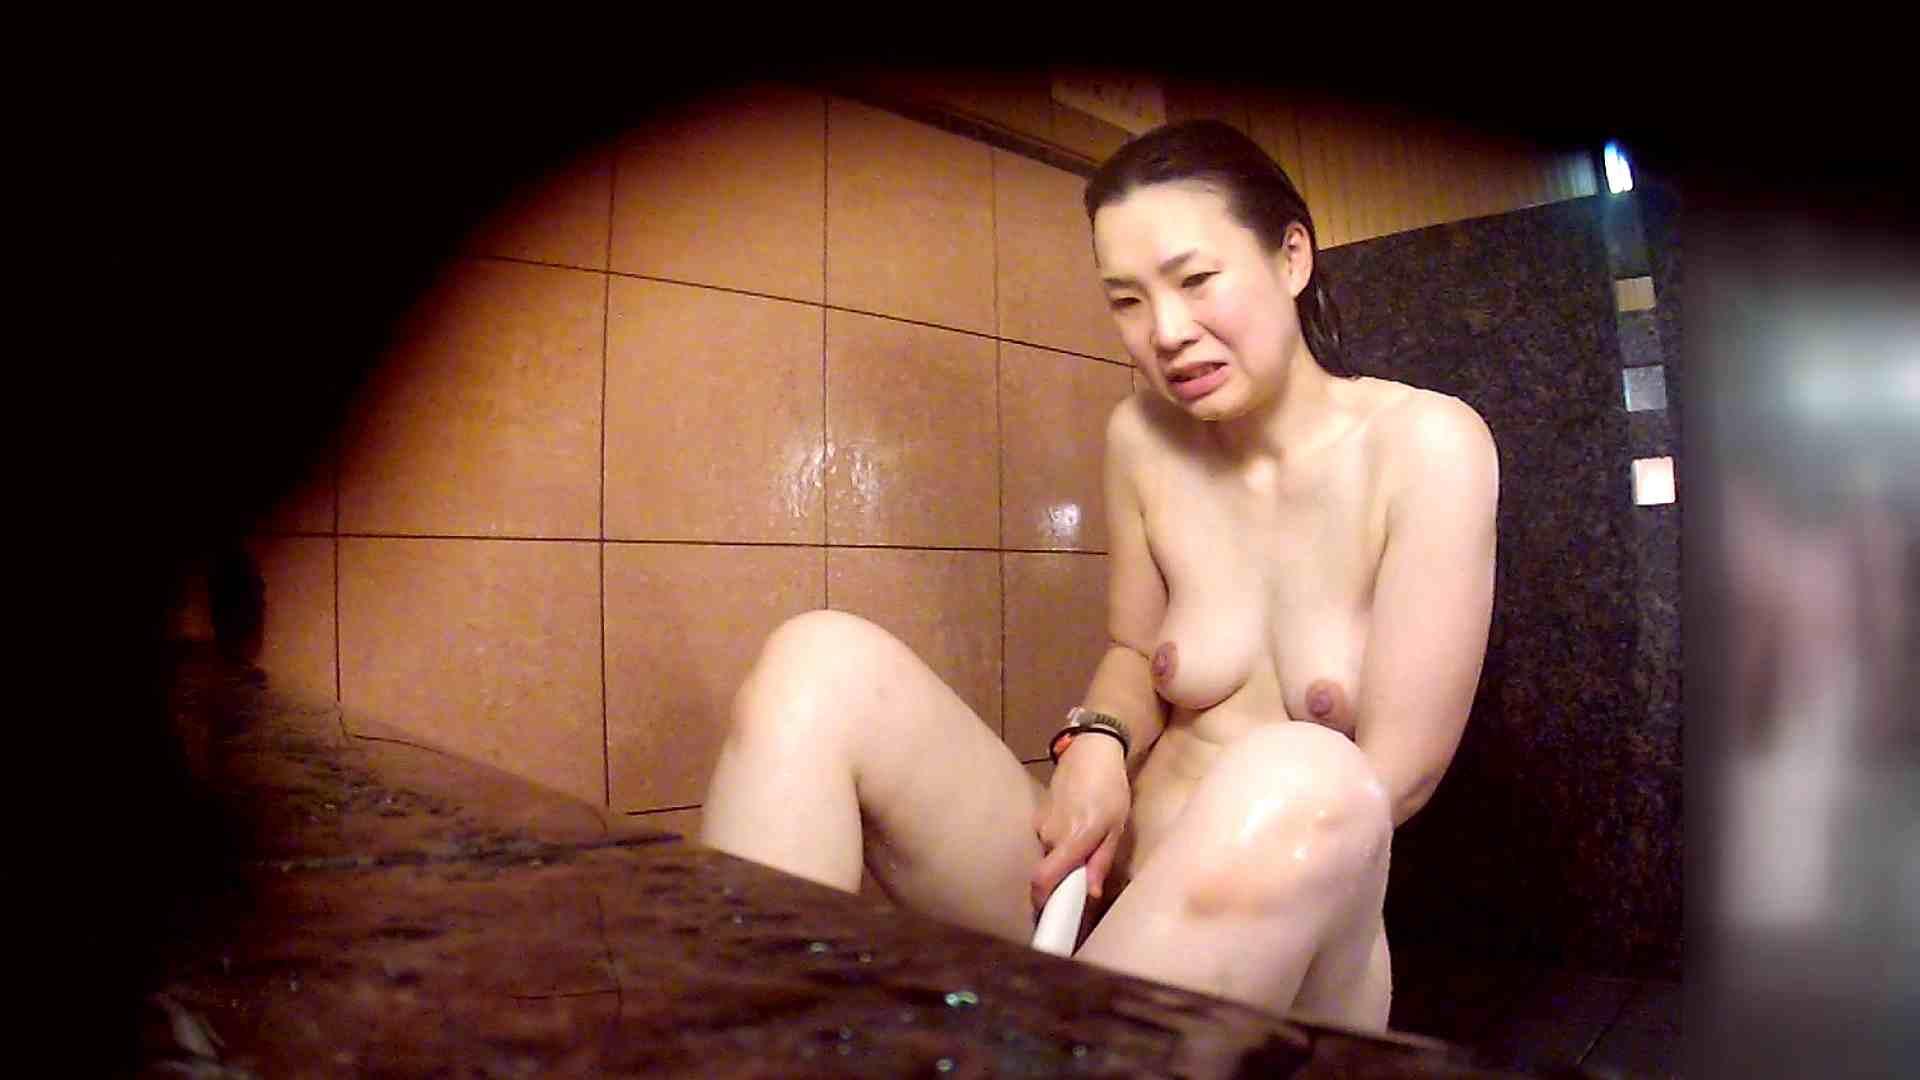 洗い場!マッスルお嬢さん!でもオッパイだけは柔らかそうです。 潜入  68画像 56